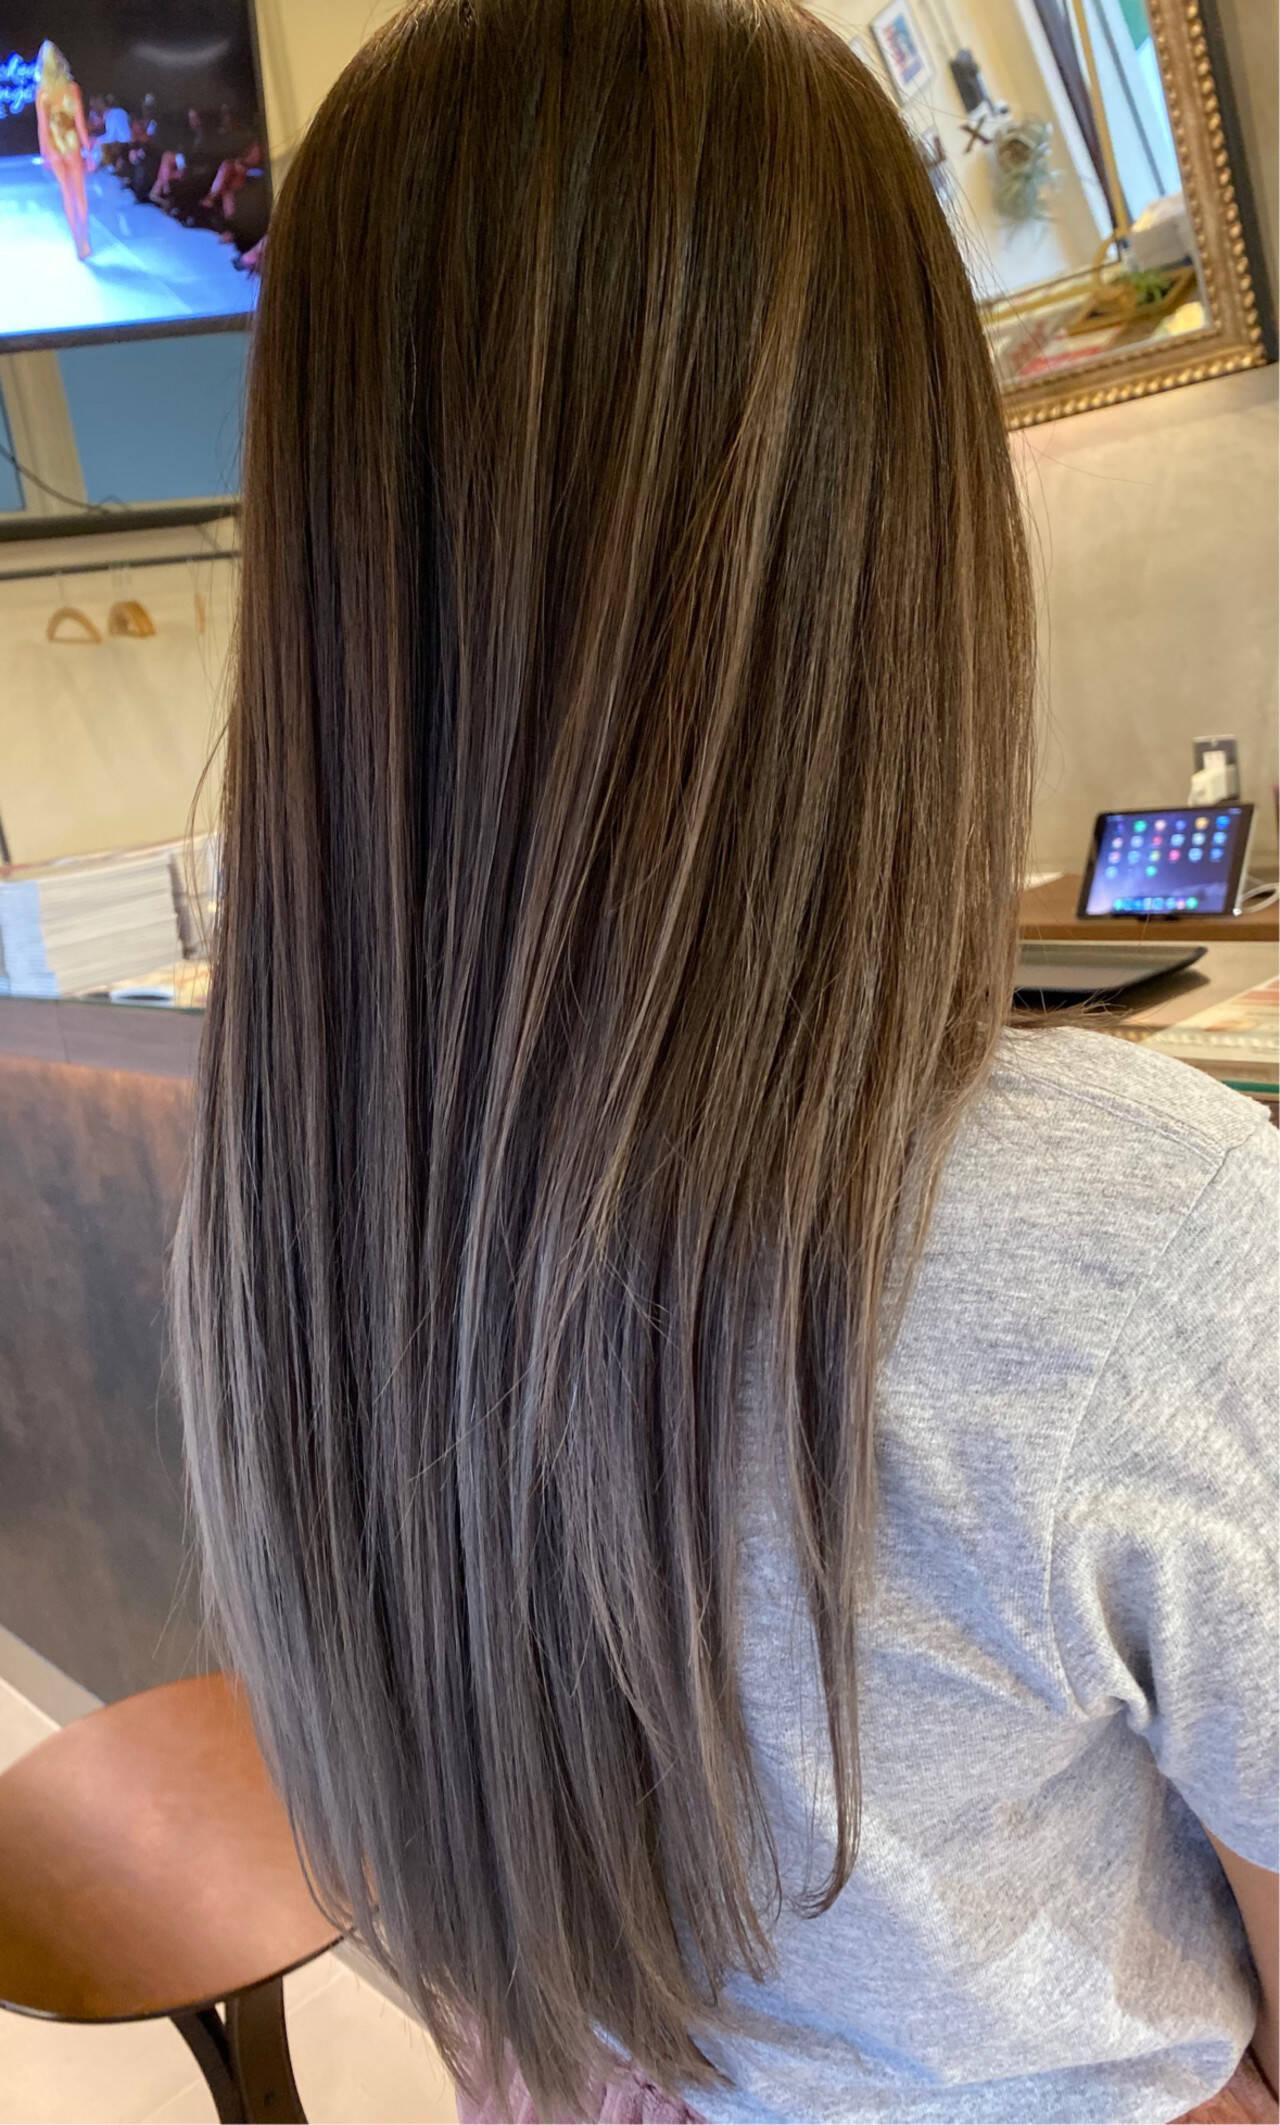 ストリート コントラストハイライト エアータッチ グラデーションカラーヘアスタイルや髪型の写真・画像